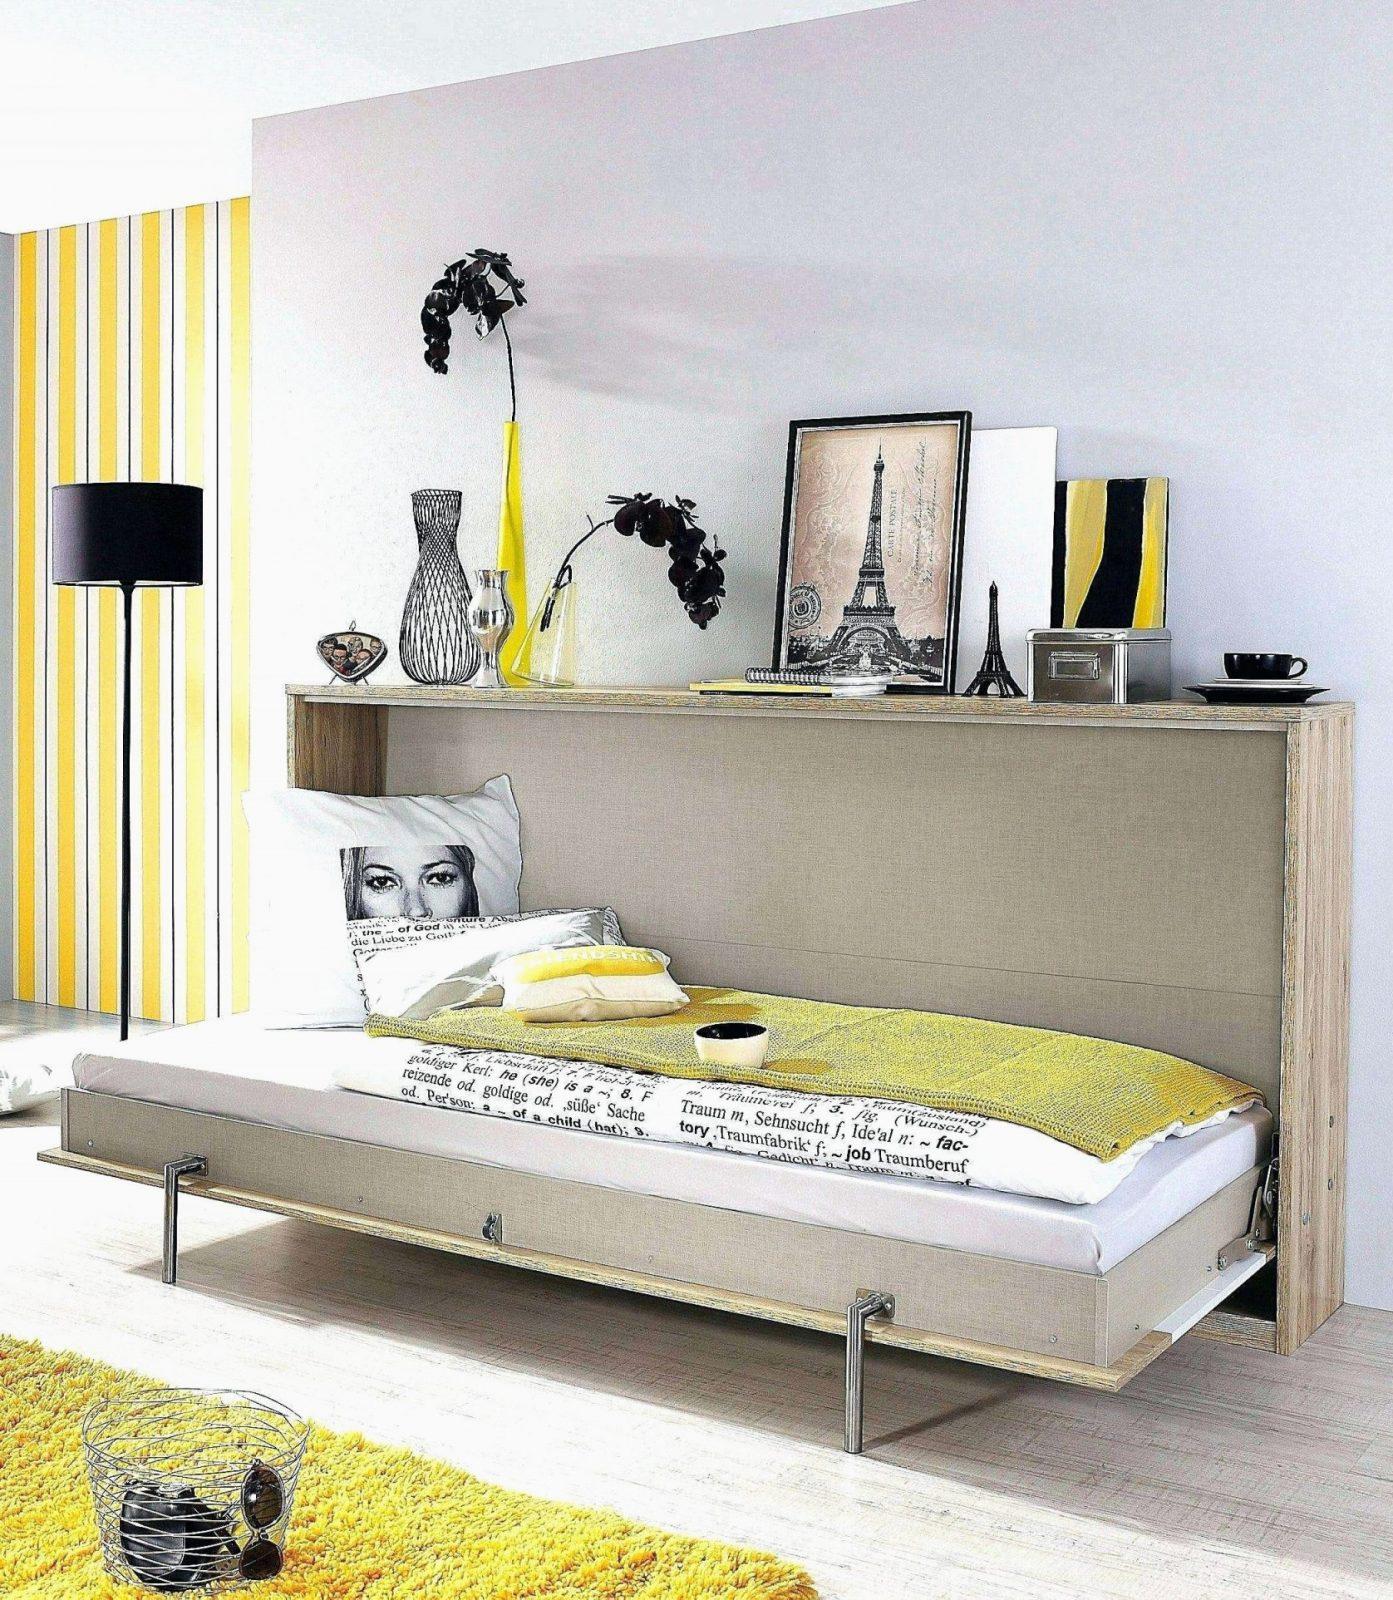 Werzalit Tischplatten Nach Maß Schick Wohnzimmermöbel Weiß Ikea  30 von Werzalit Tischplatte Nach Maß Photo